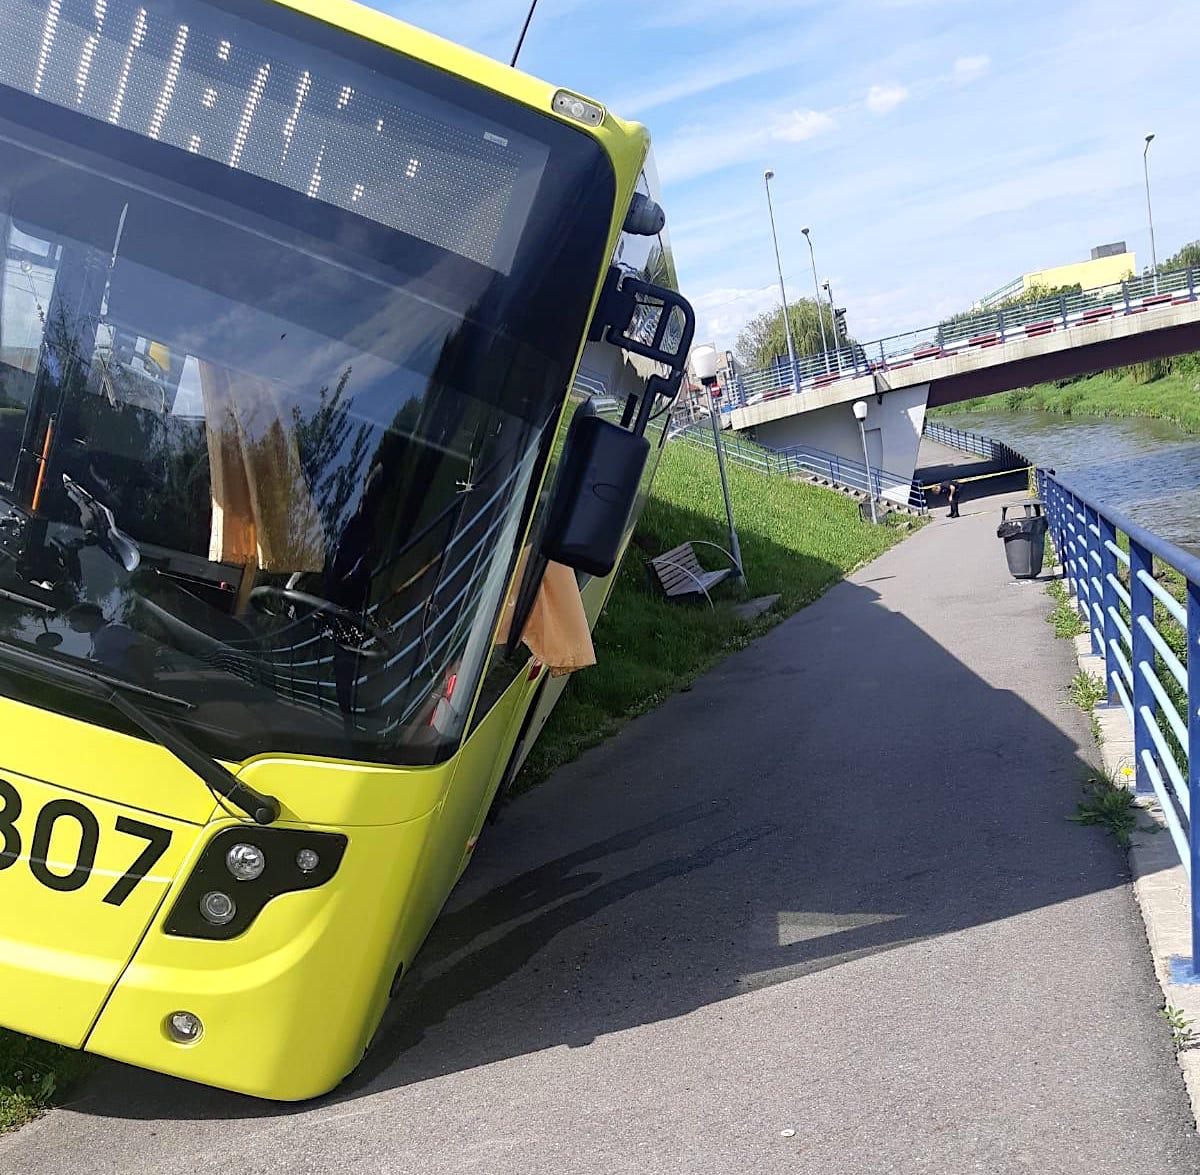 FOTO Șoferului i s-a făcut rău. Un autobuz cu 30 de persoane, aproape de a ajunge în Cibin